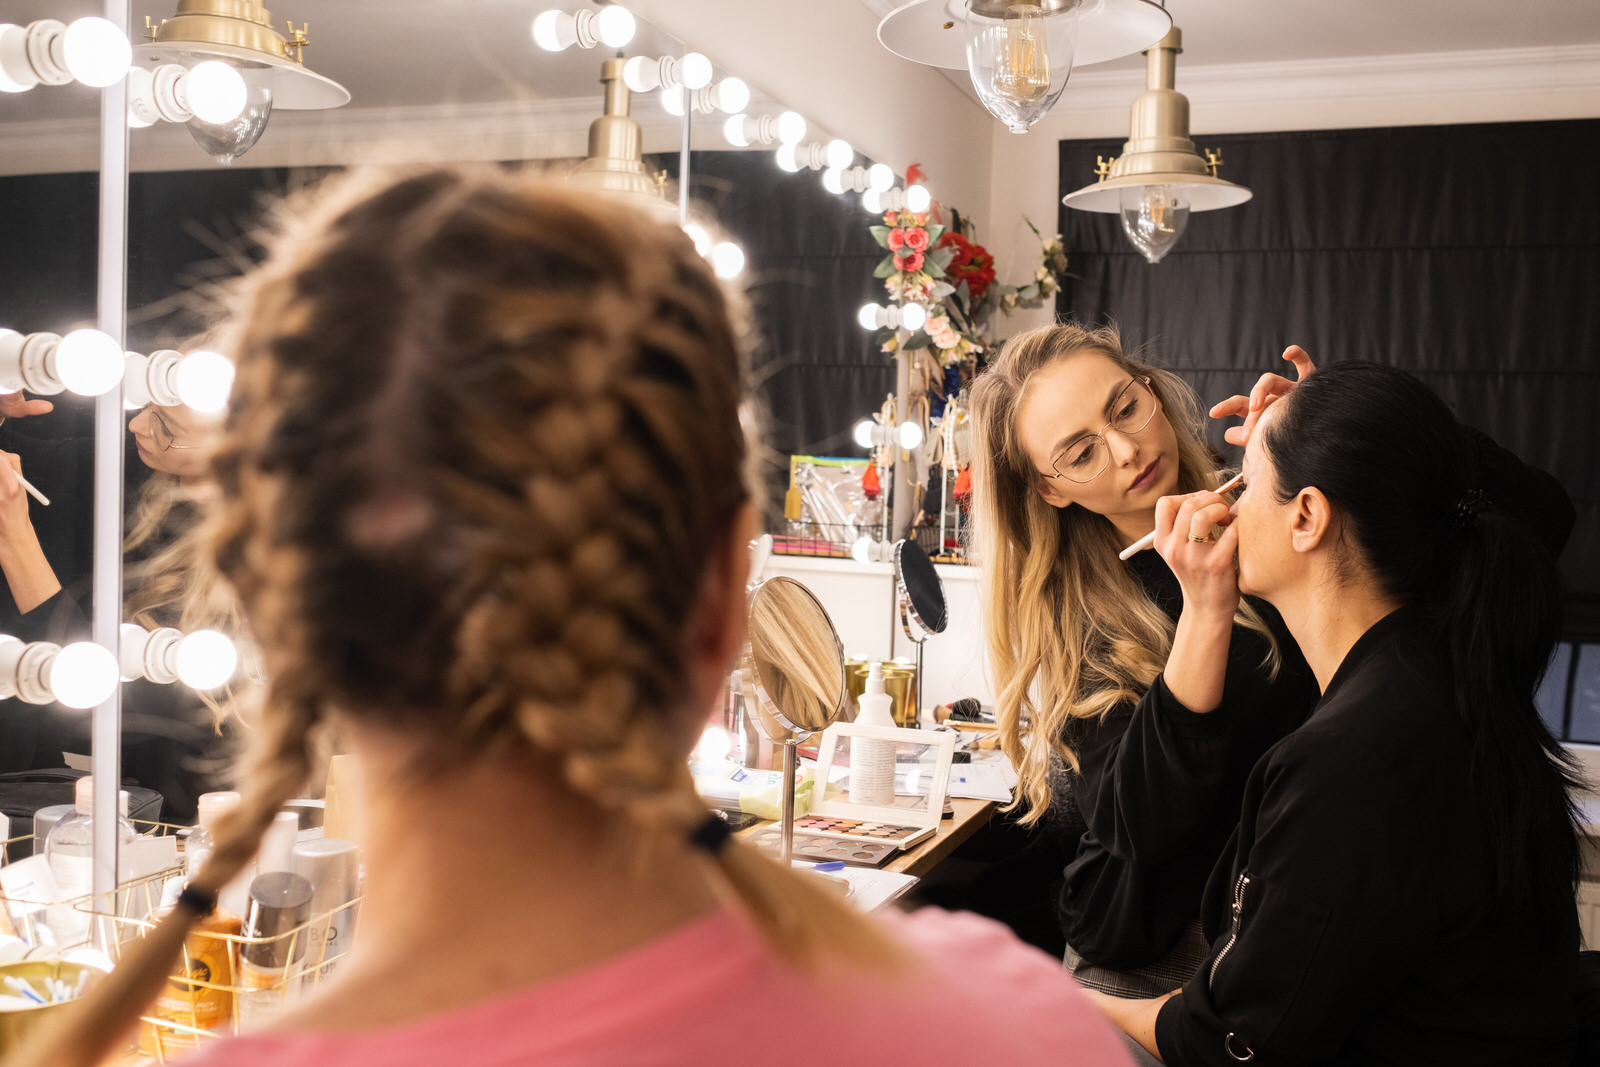 Grupowe szkolenia z makijażu na potrzeby własne